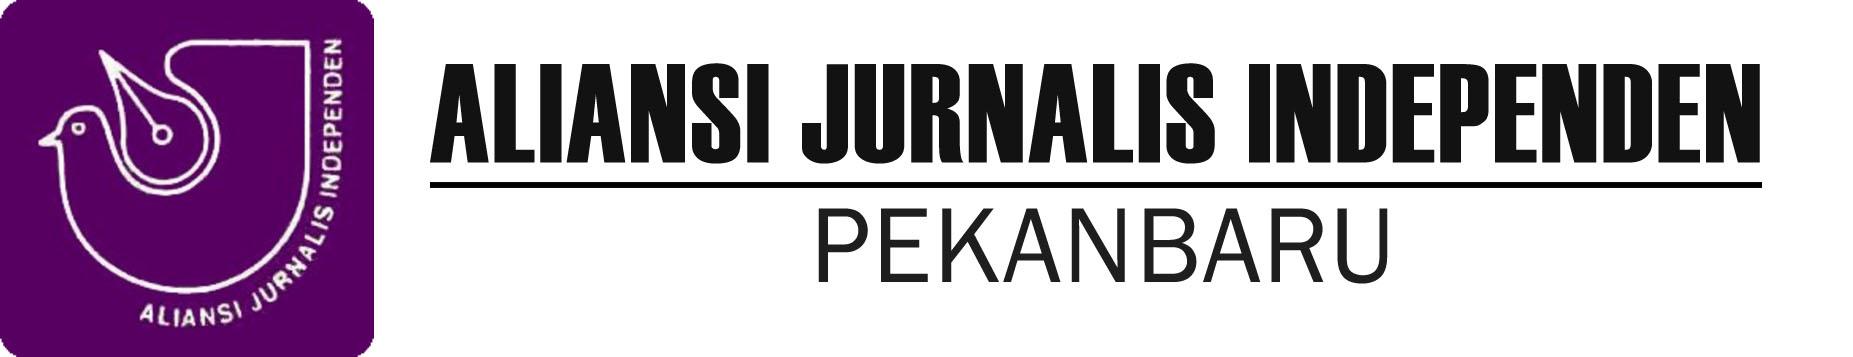 AJI Pekanbaru Logo